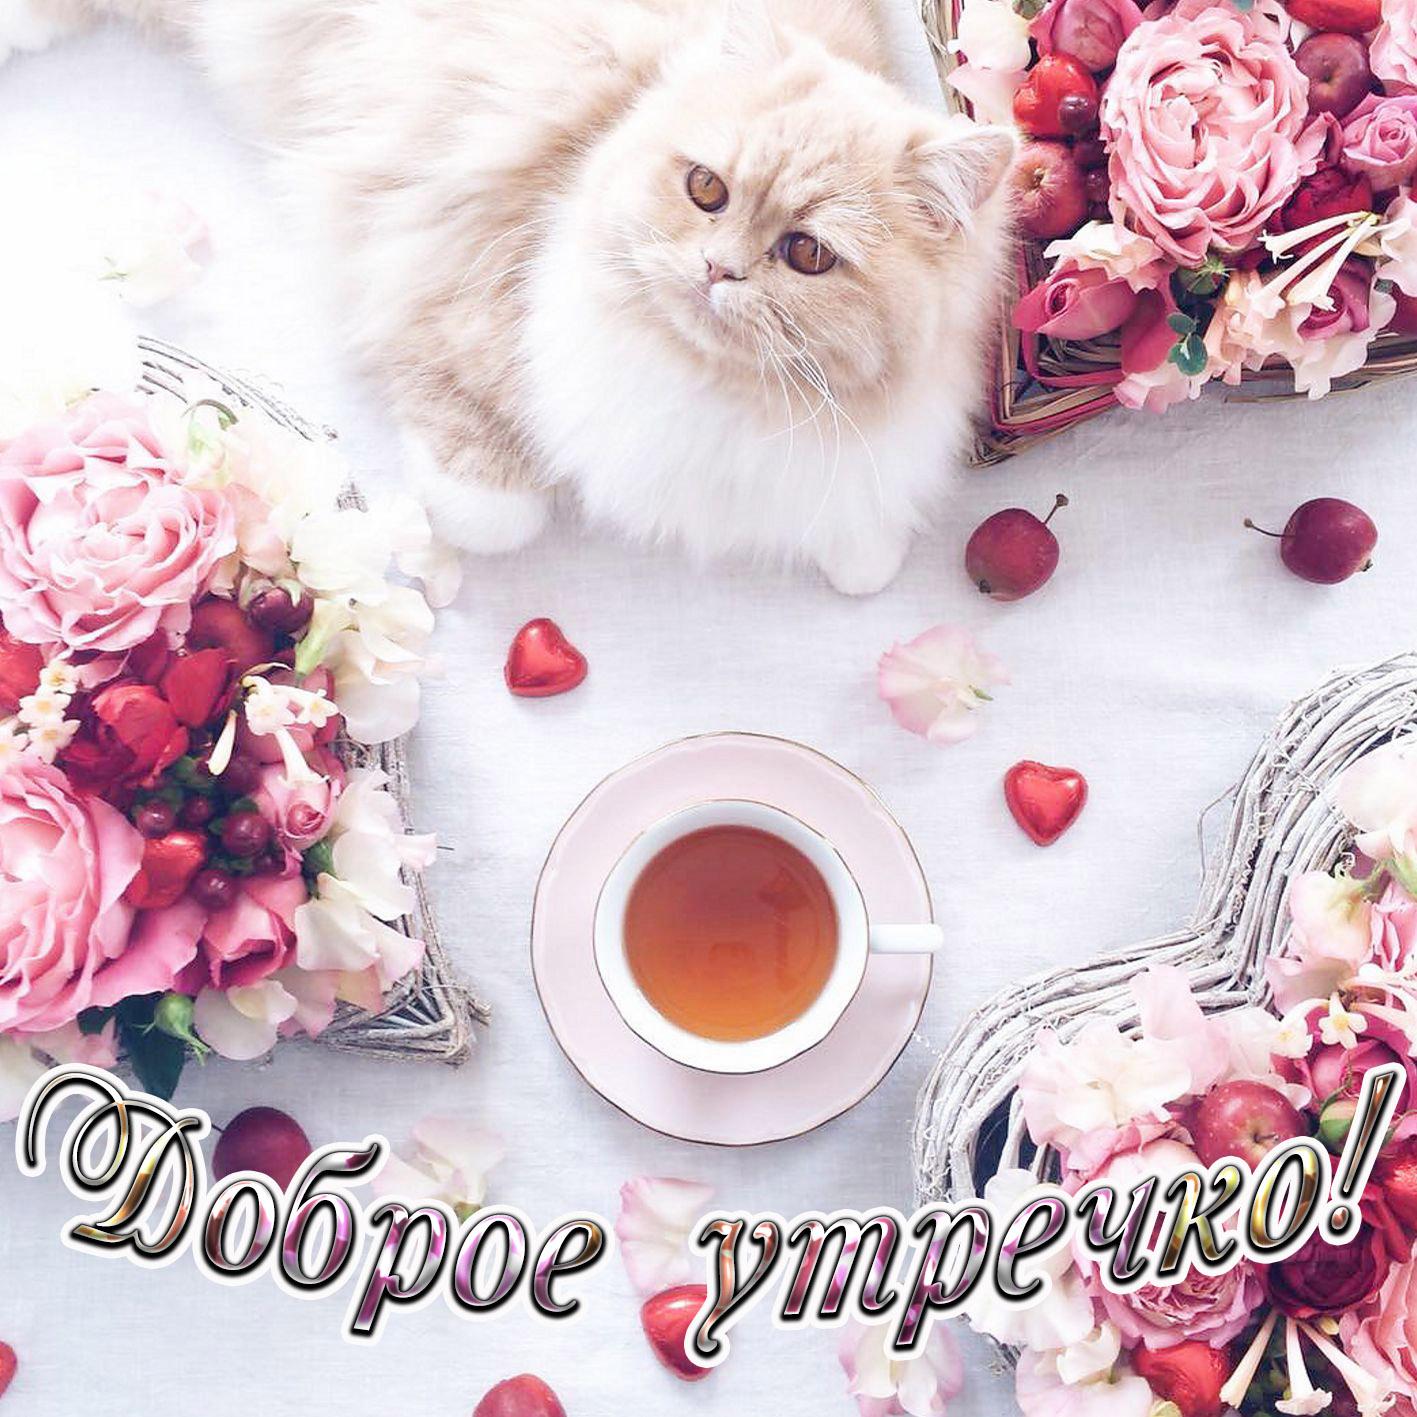 Доброе утро с картинками котят